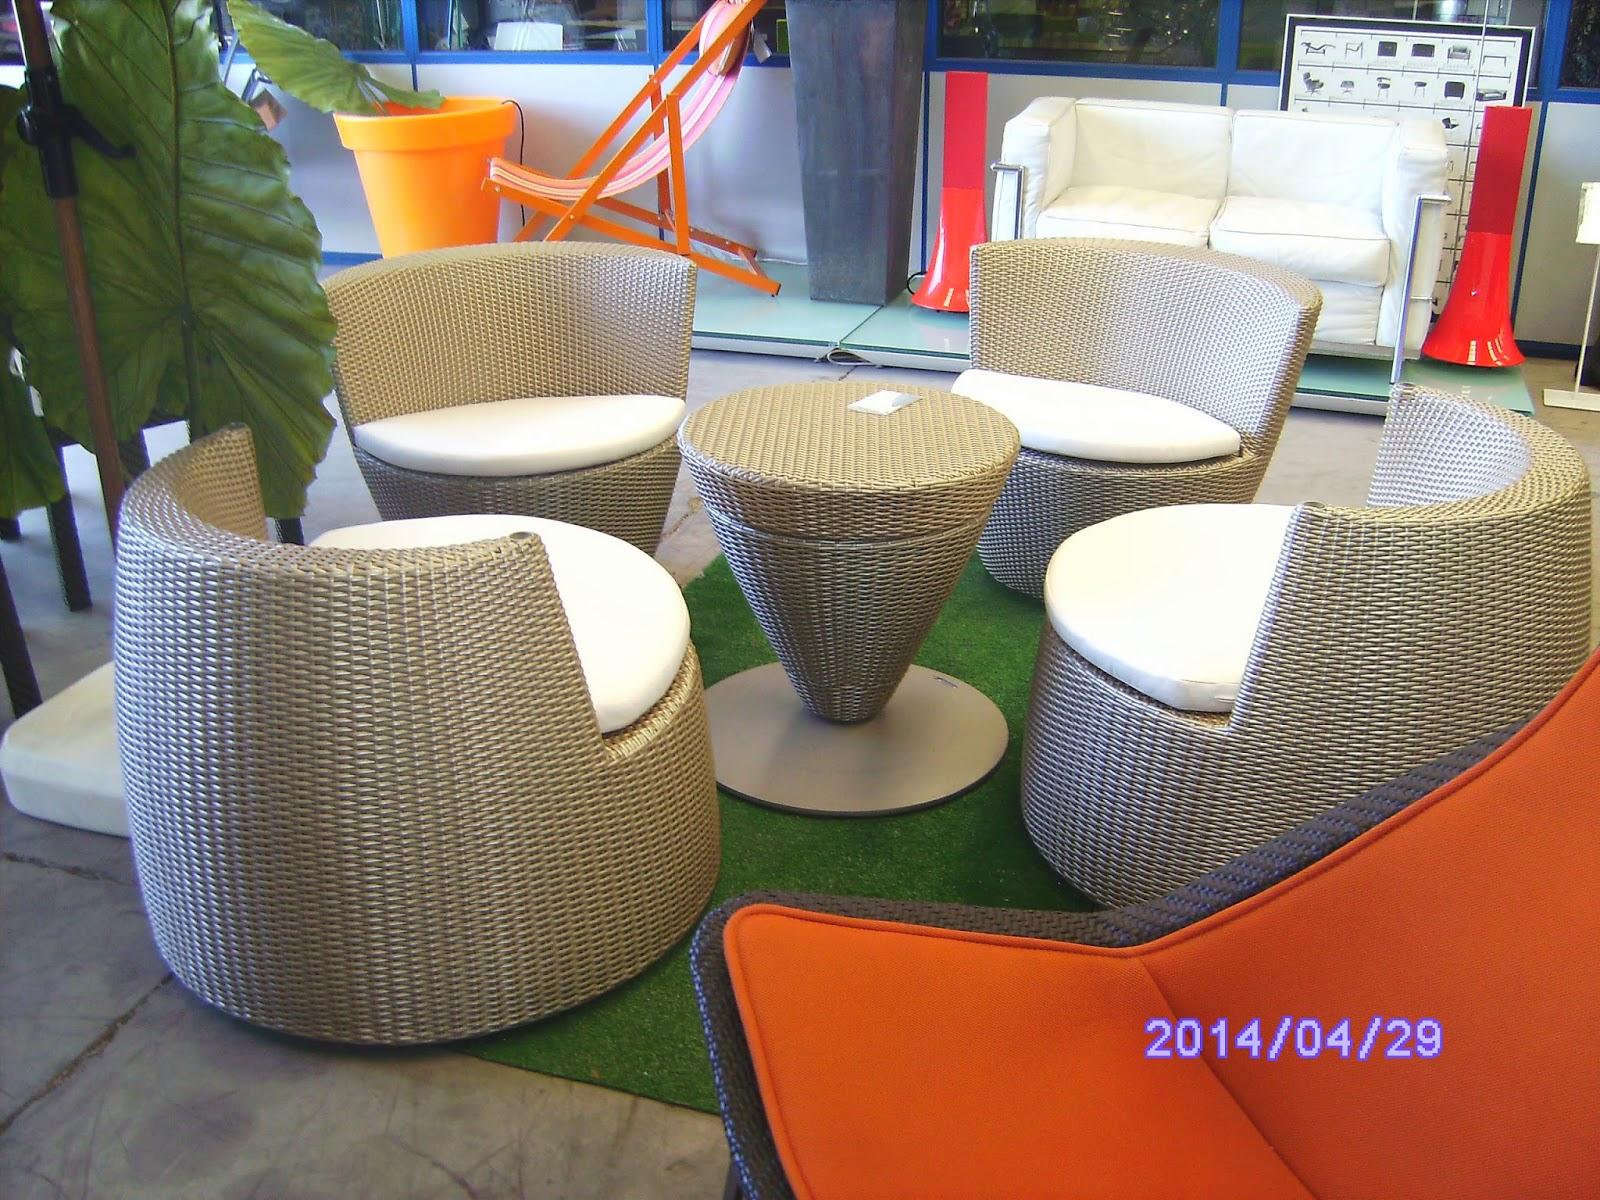 Productos de muebles para terraza y jard n - Muebles de jardin y terraza ...